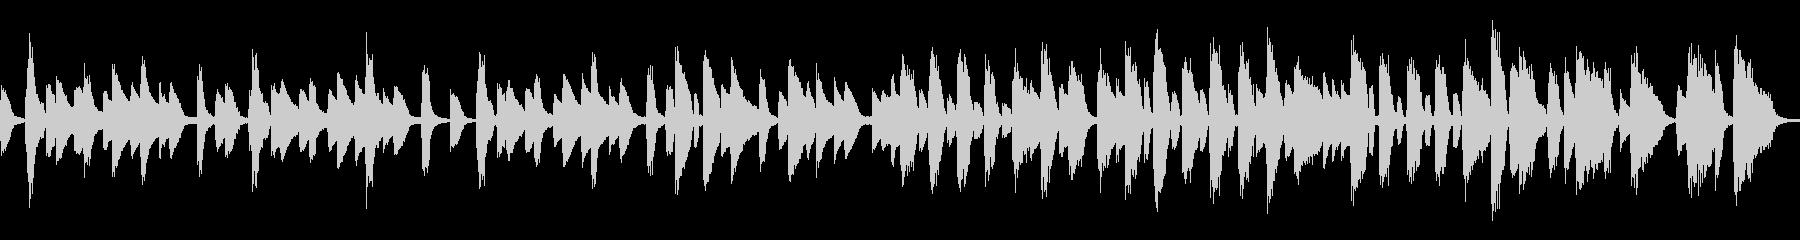 おしゃれなバーをイメージしたピアノソロの未再生の波形